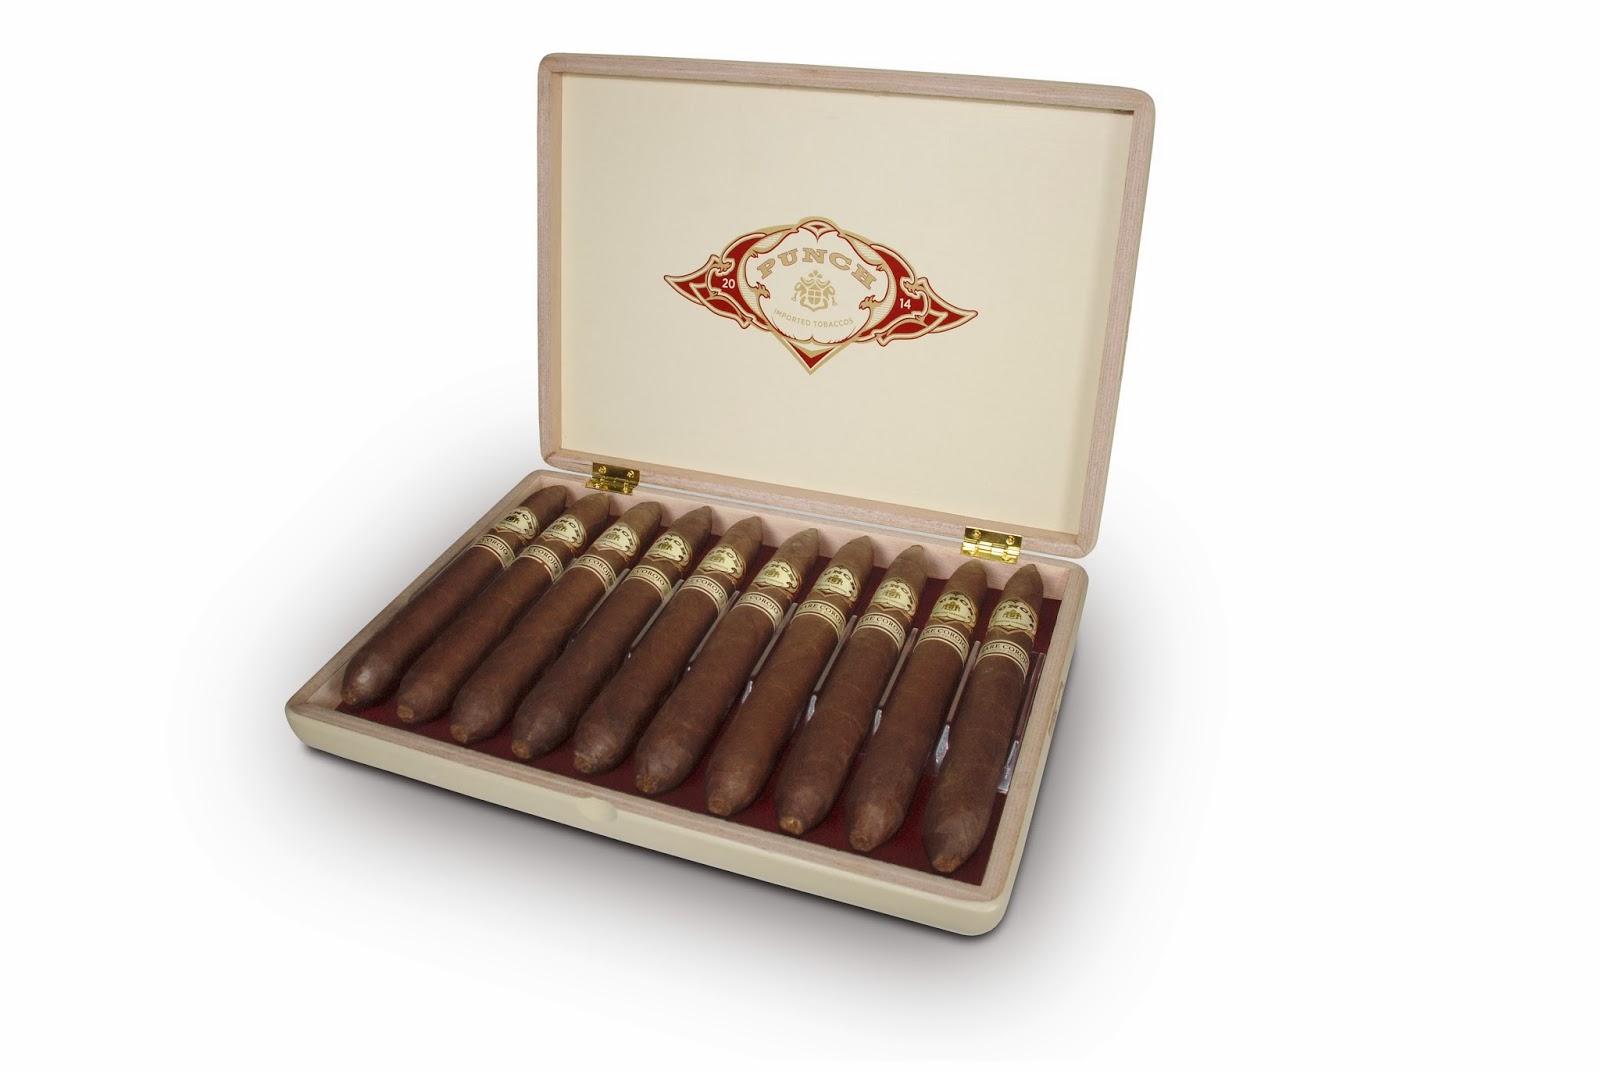 Punc Rare Salomones Box